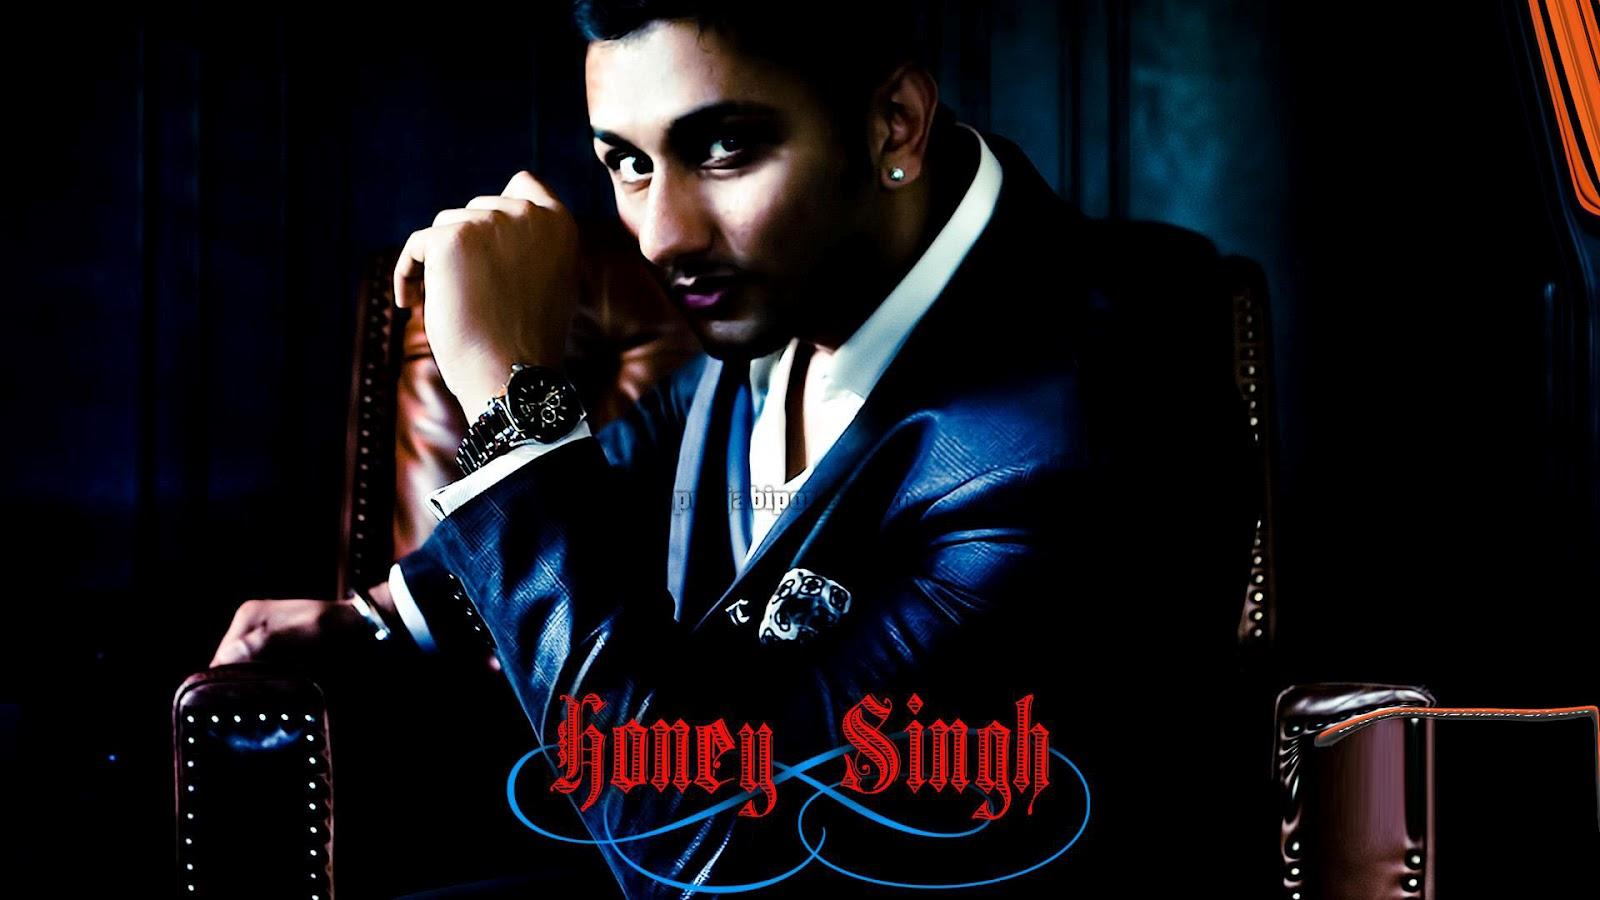 Honey Singh 1600x900 Wallpaper Teahub Io Yo yo honey singh all mp3 songs. honey singh 1600x900 wallpaper